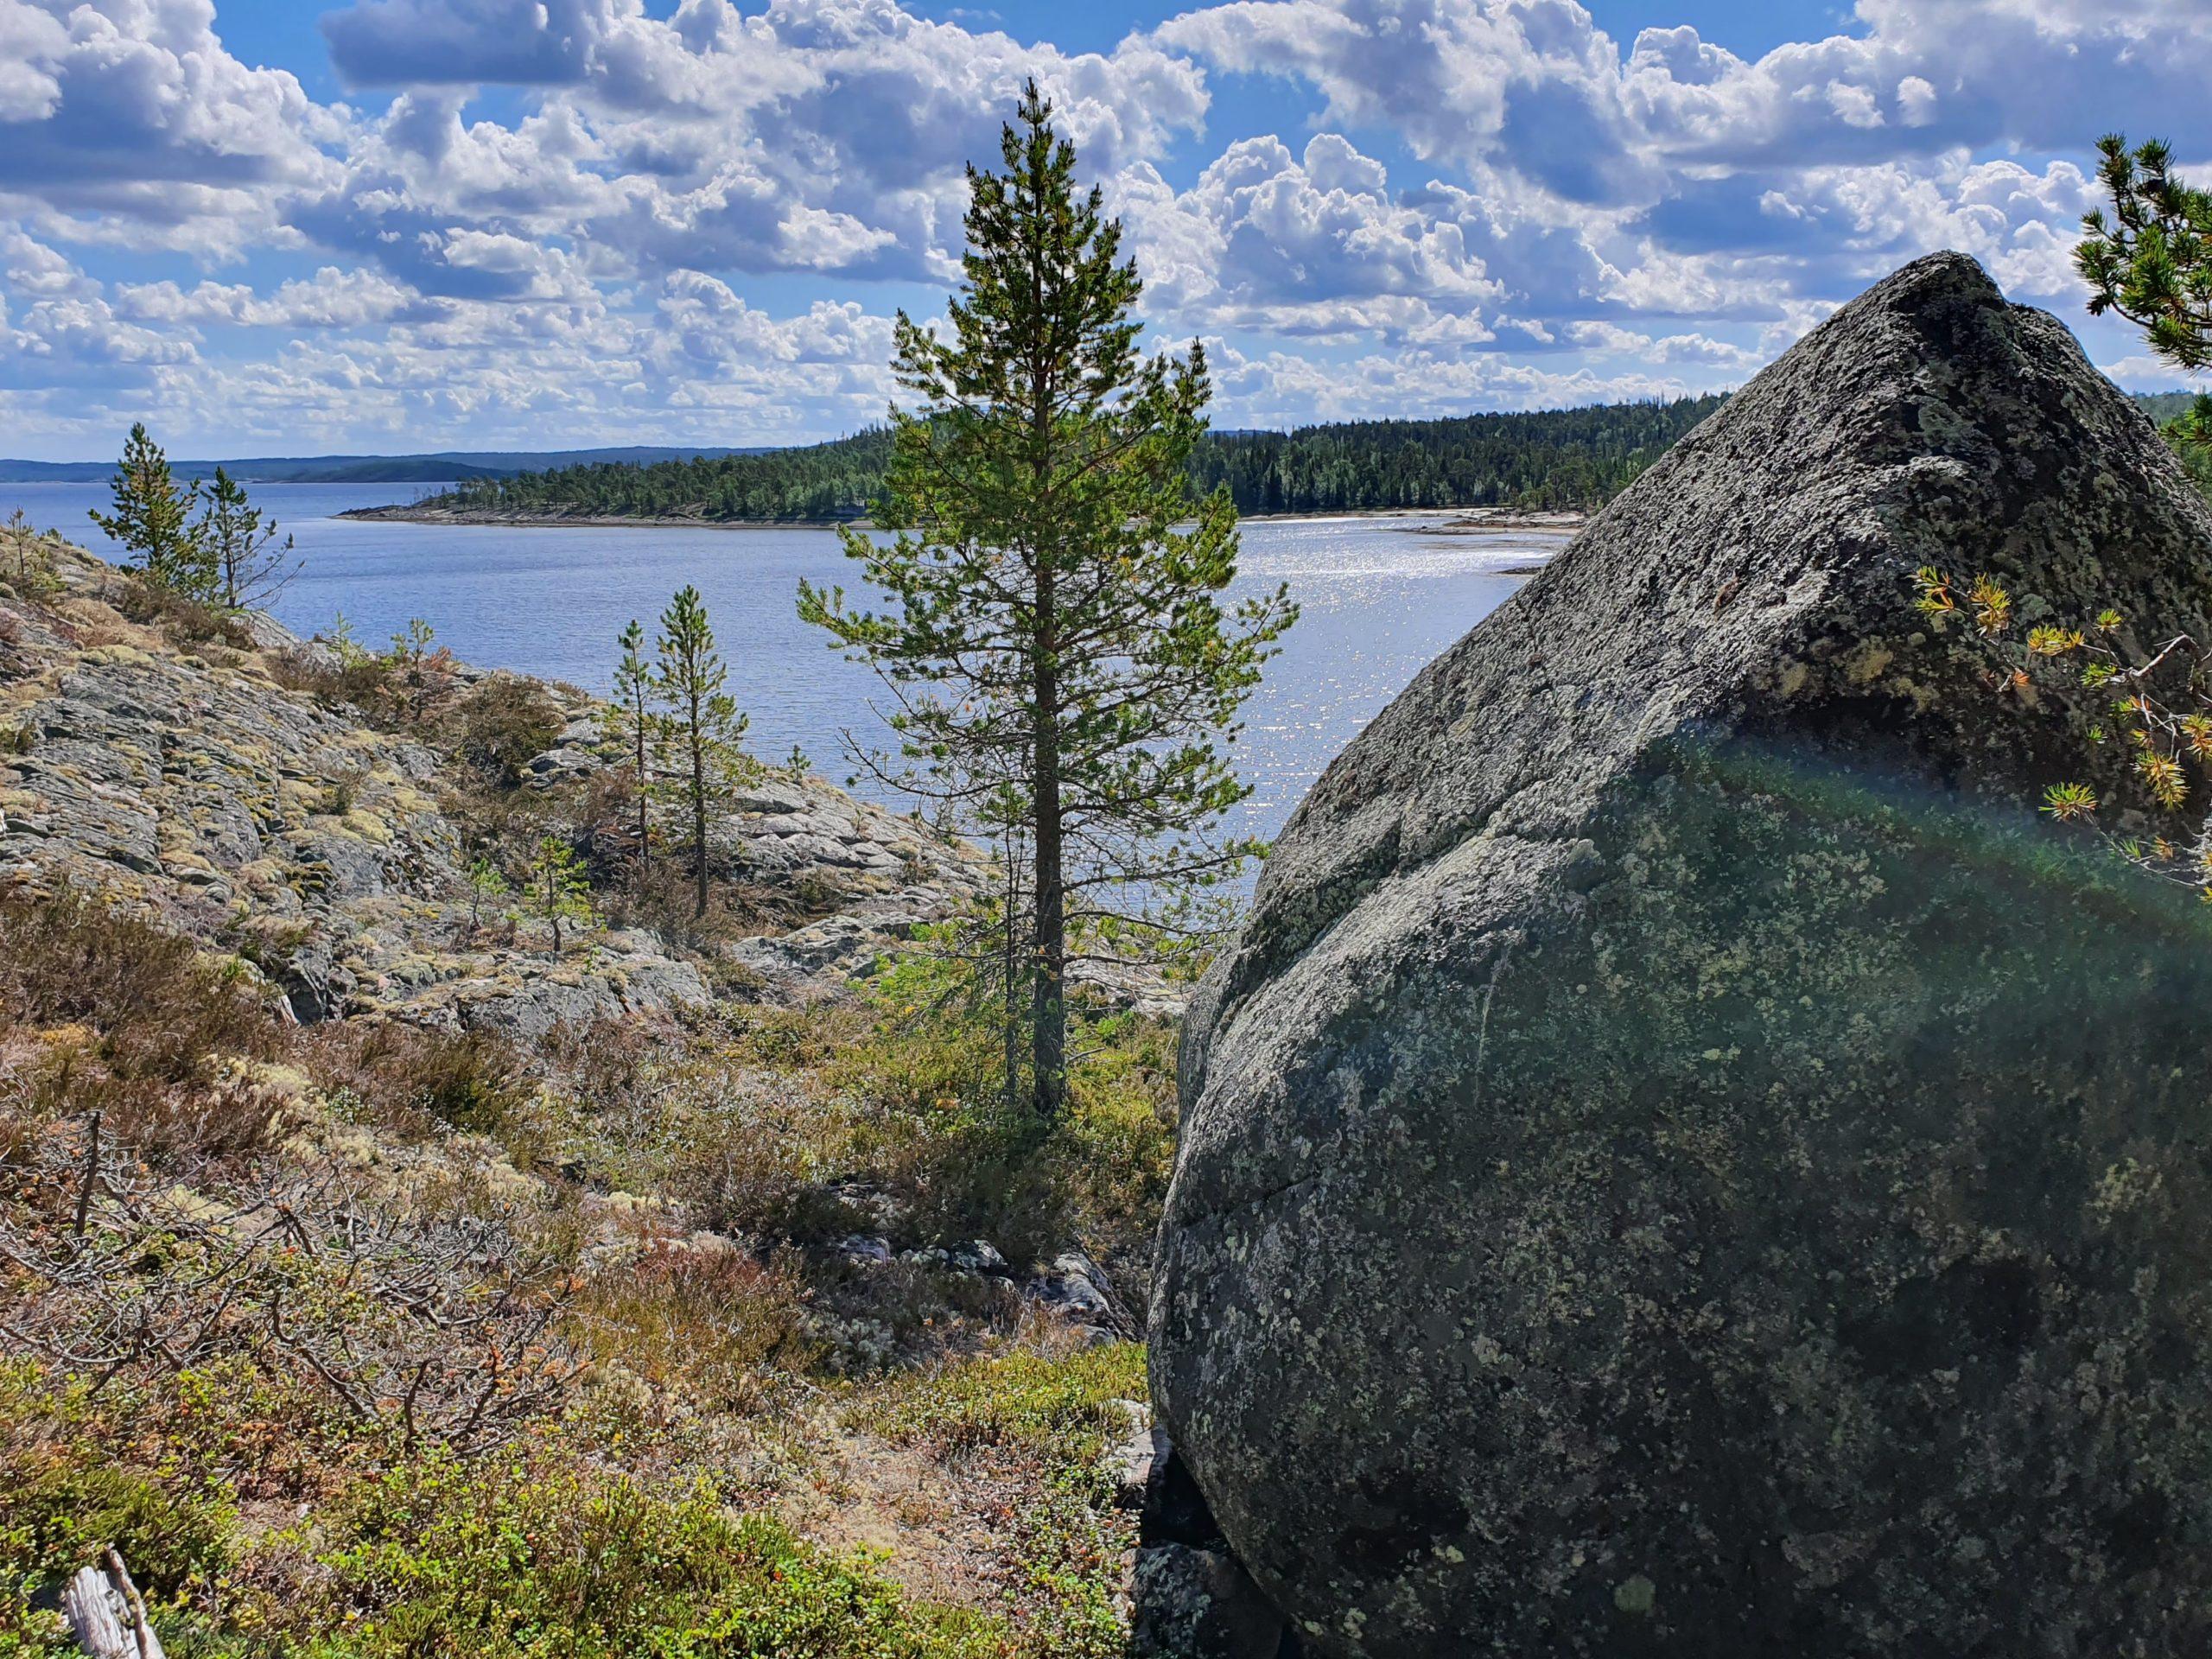 Большой и удивительный камень на склоне гряды Пежострова.  Сдвинуть вниз мы так его и не смогли.